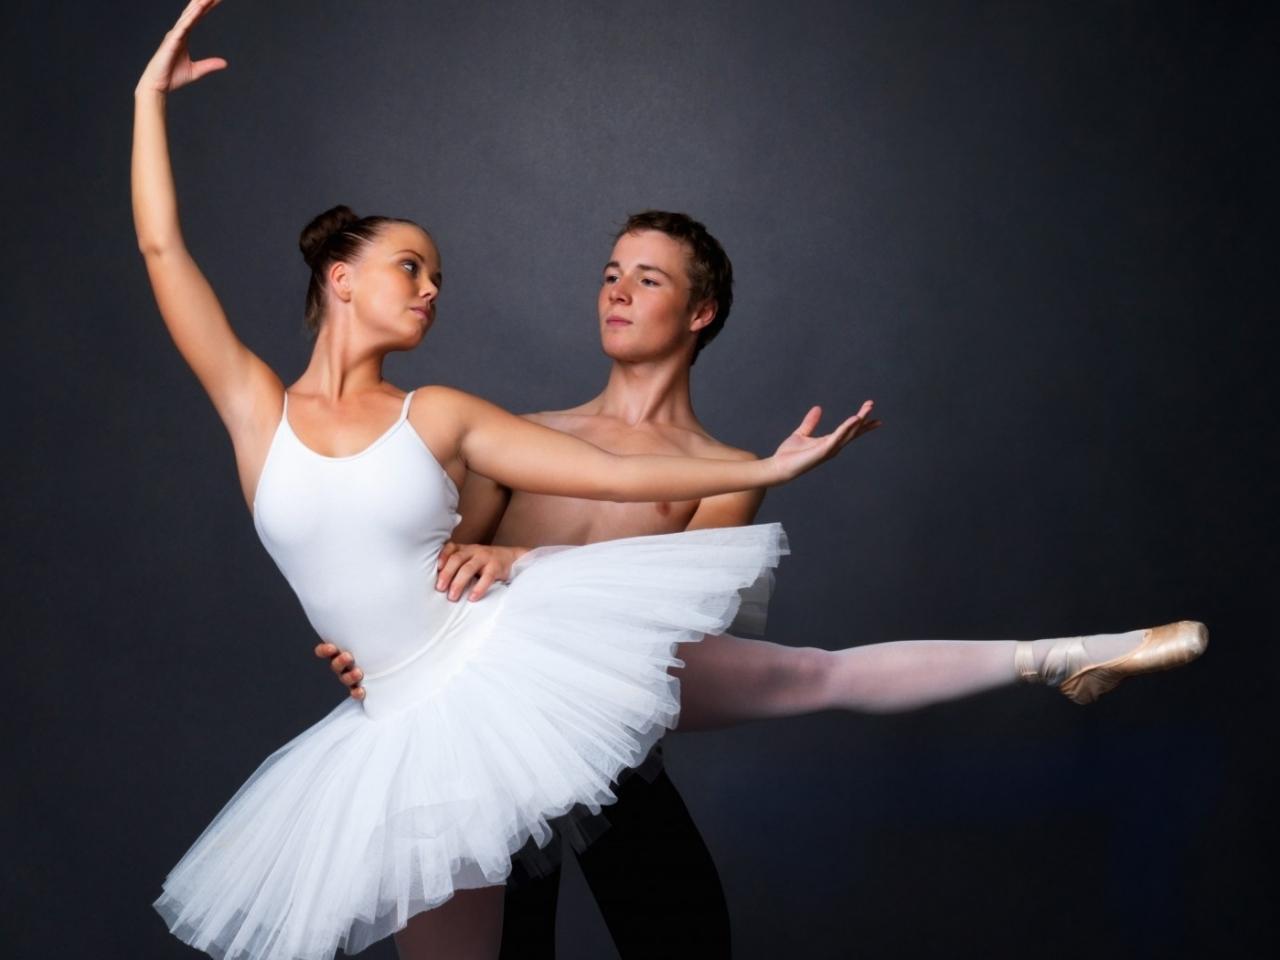 Baile de Ballet - 1280x960